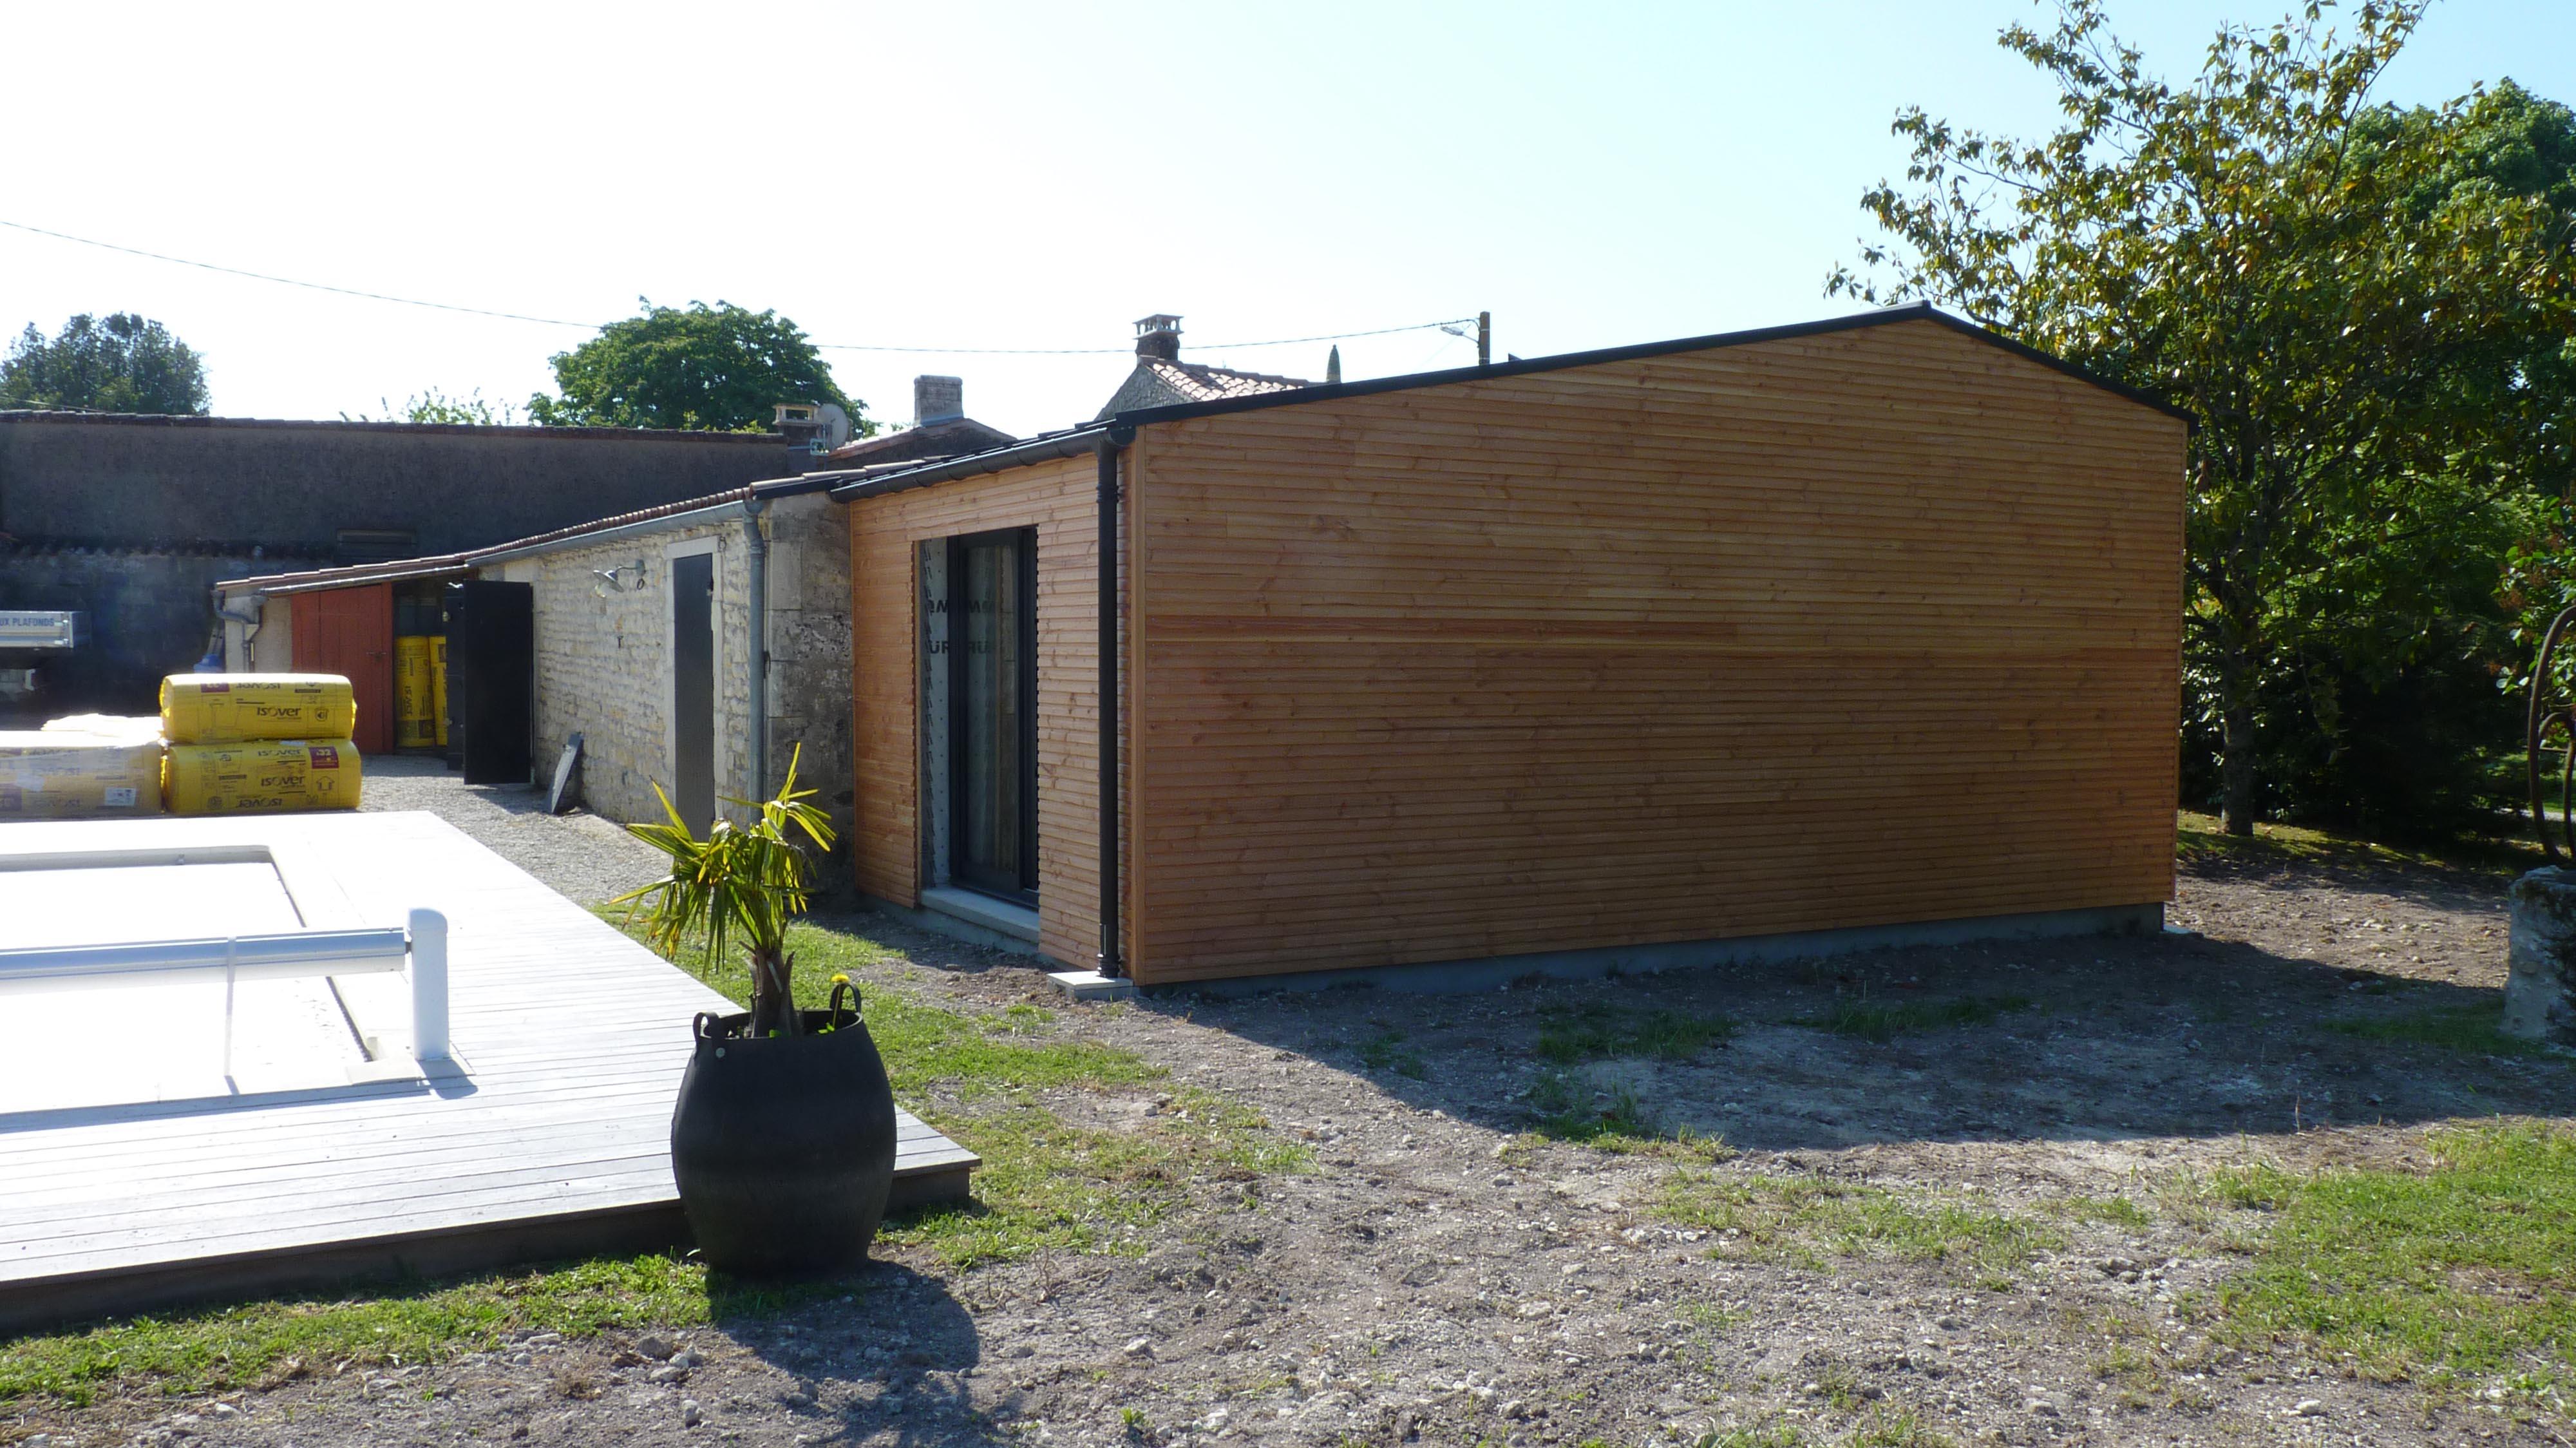 Extension Habitation construction d'une extension à une maison d'habitation à barzan